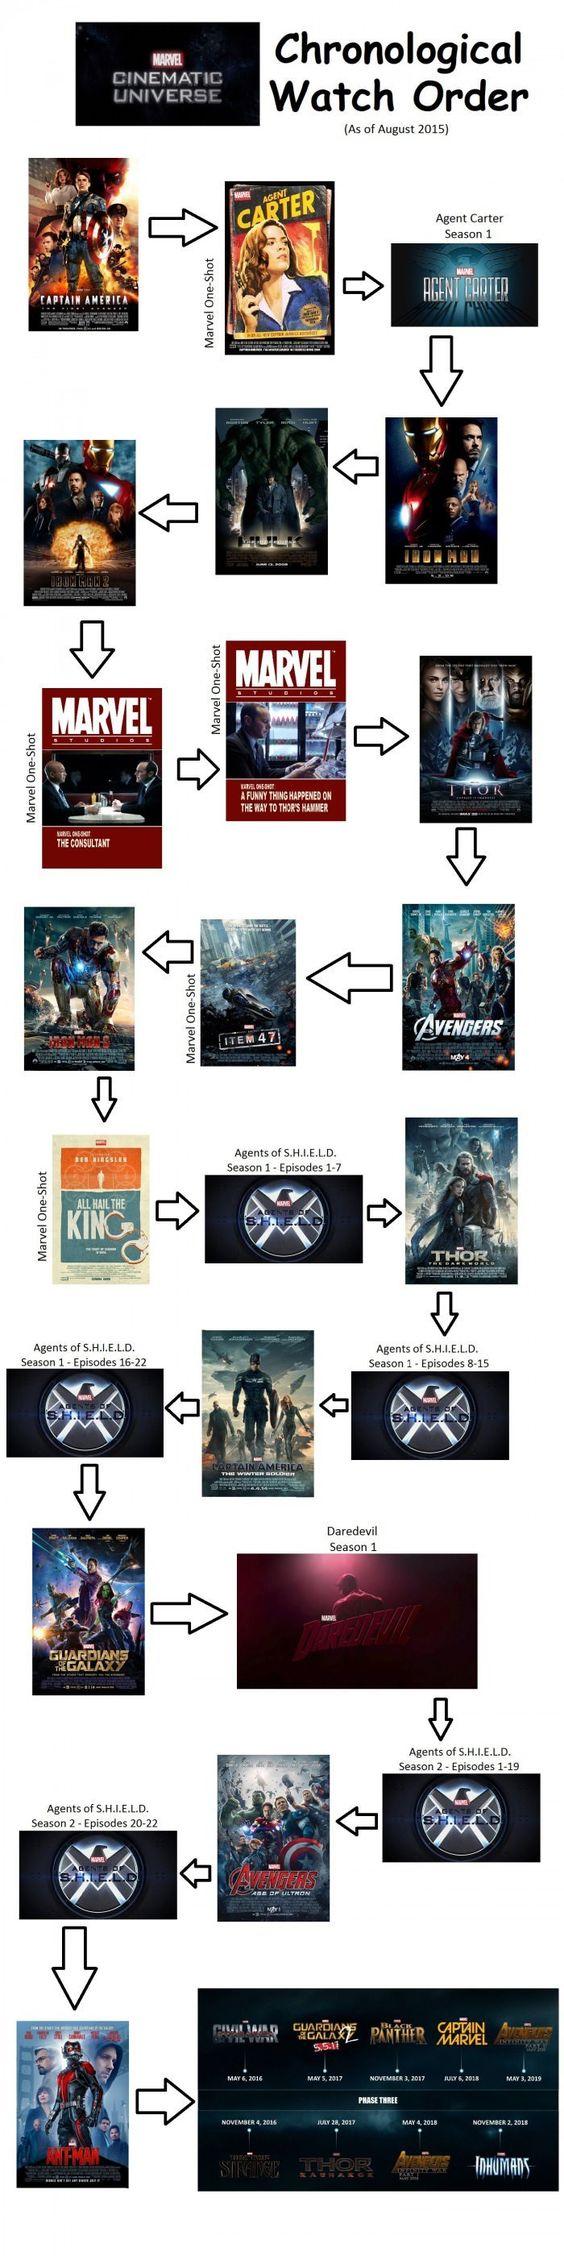 Marvel in Chronological Order SH Avengers Pinterest